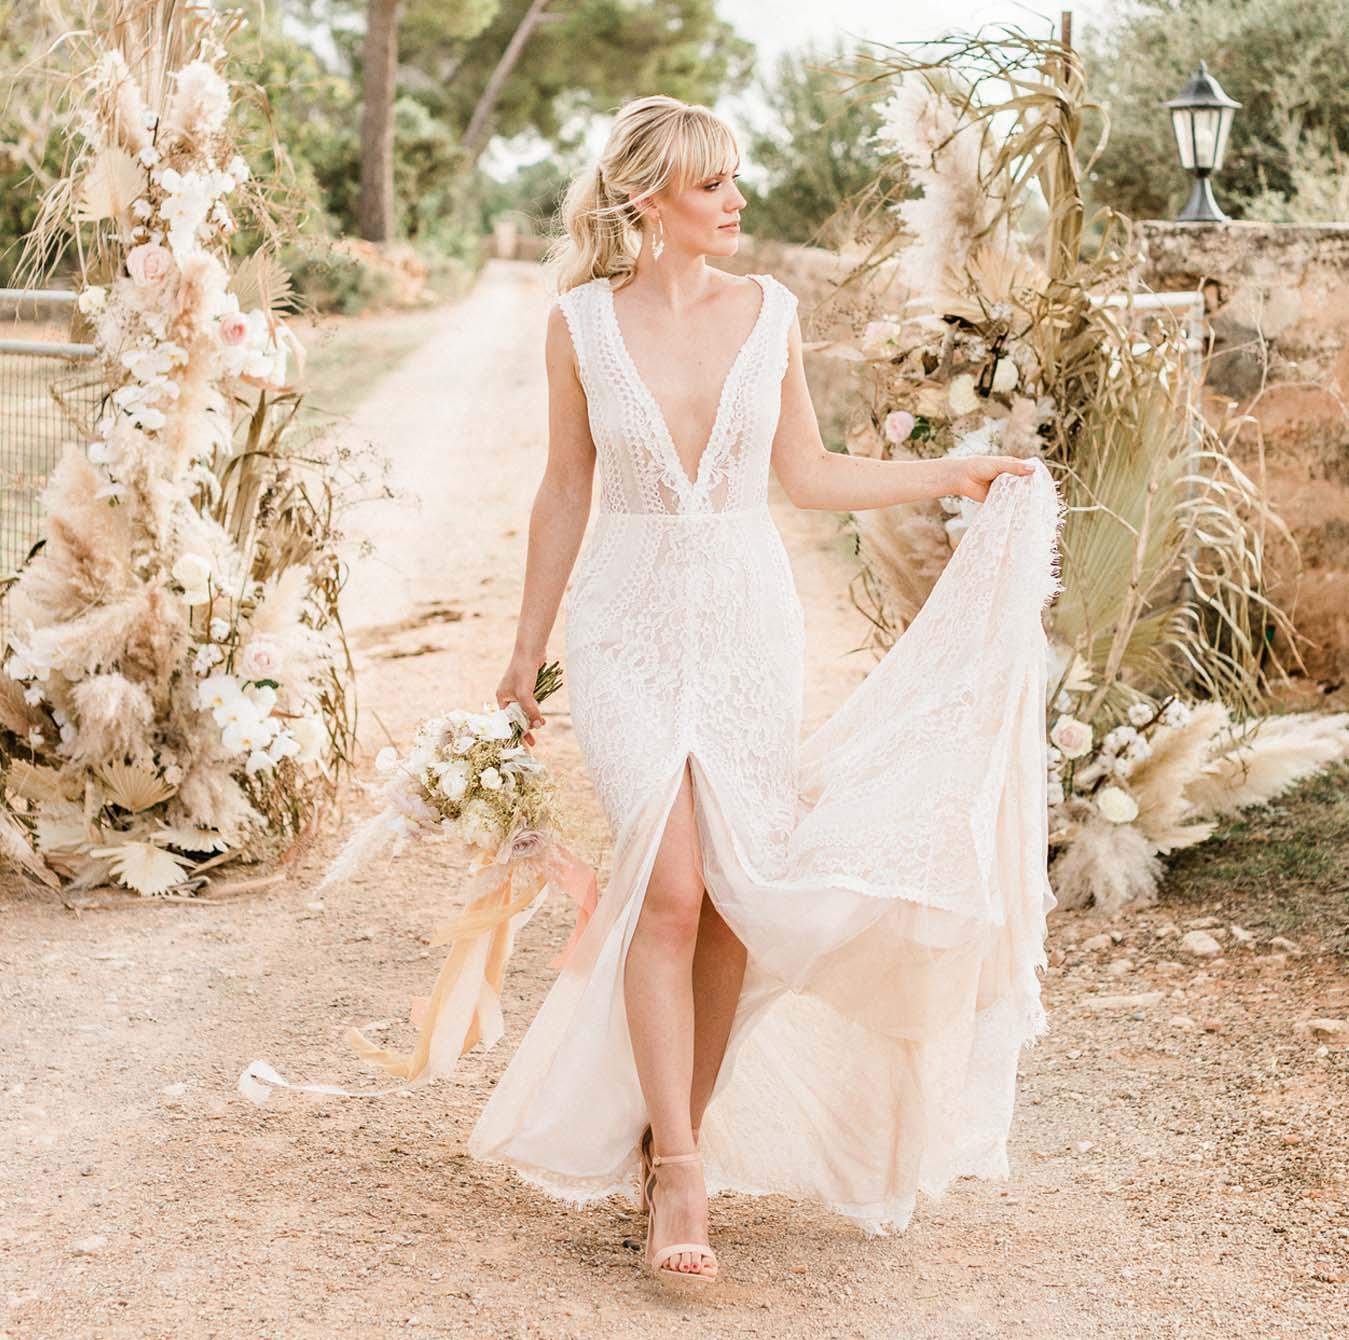 Brautmode Heidelberg & Mannheim: Elegante Hochzeitskleider von internationalen Designern